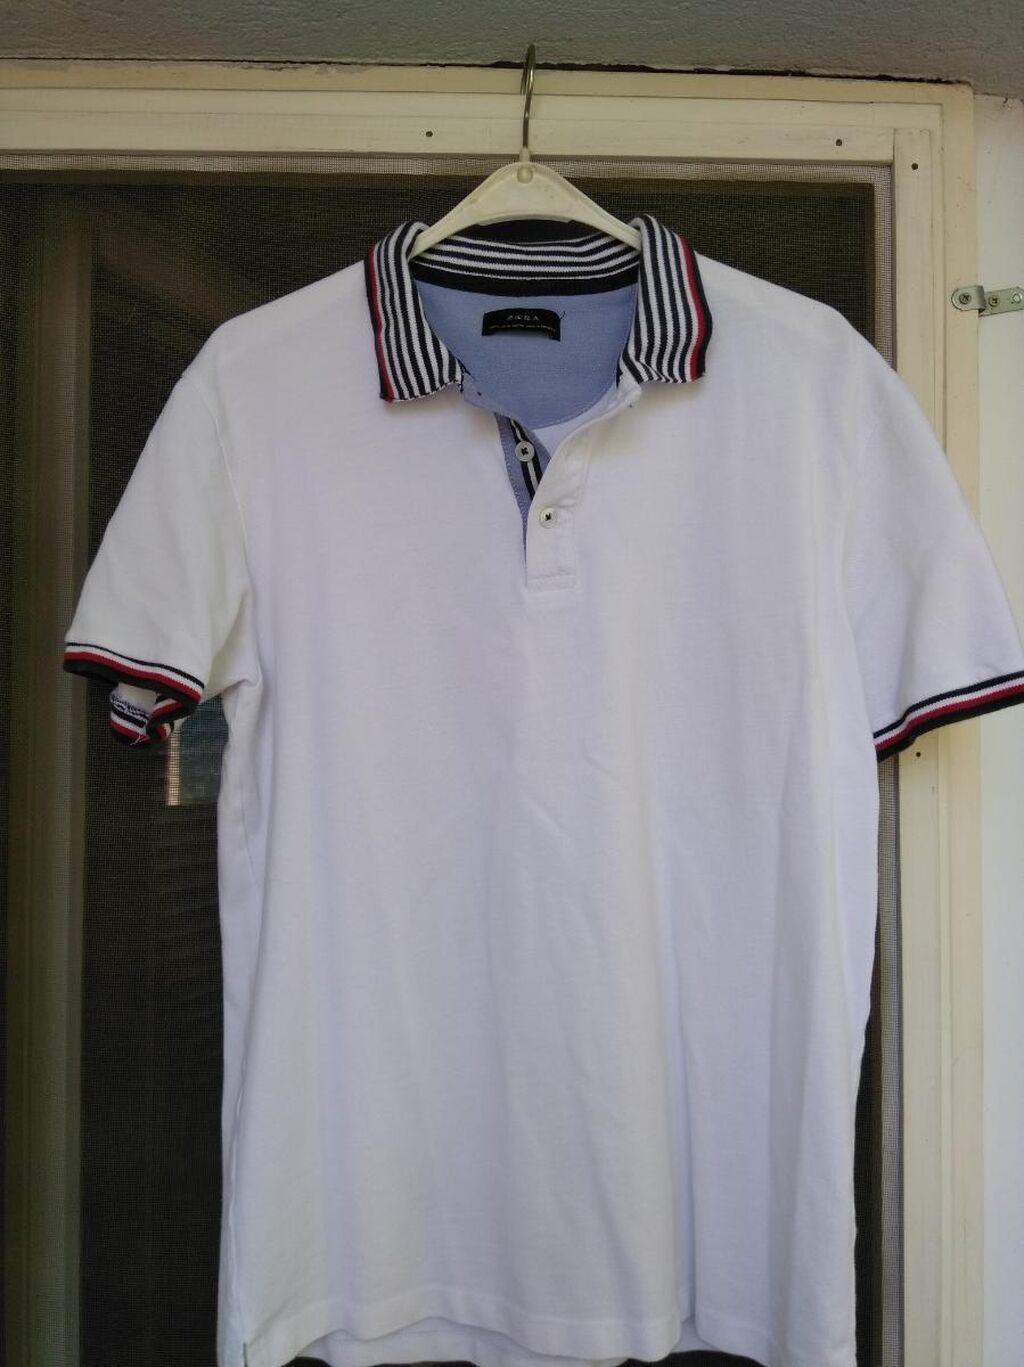 Zara majica, veličina M, bela boja, 100% pamuk